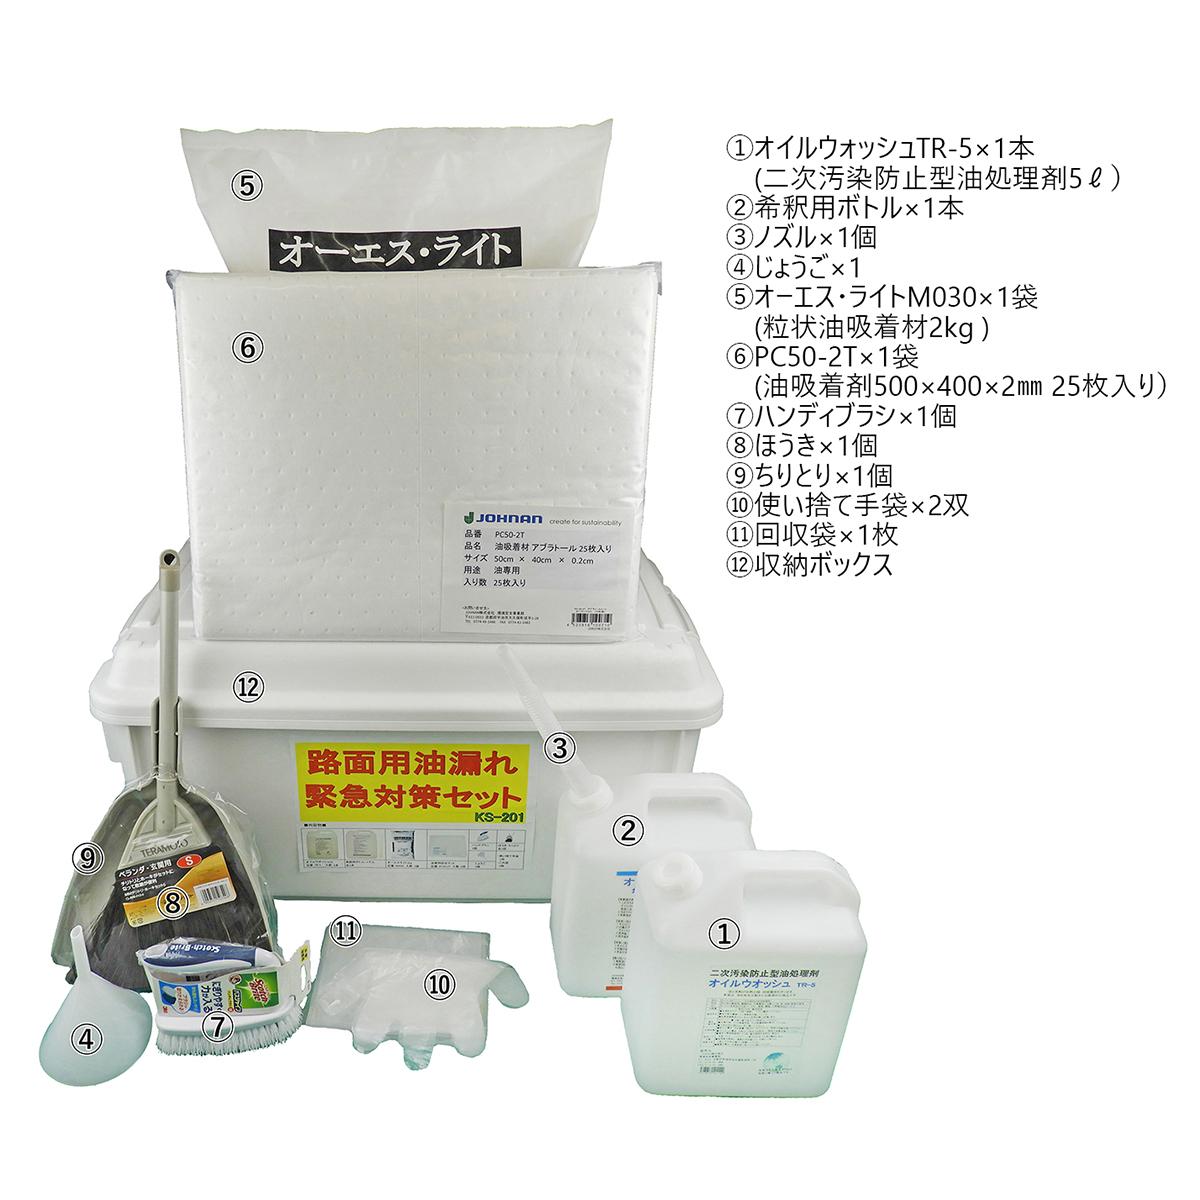 オイル漏れ時の緊急対策セット